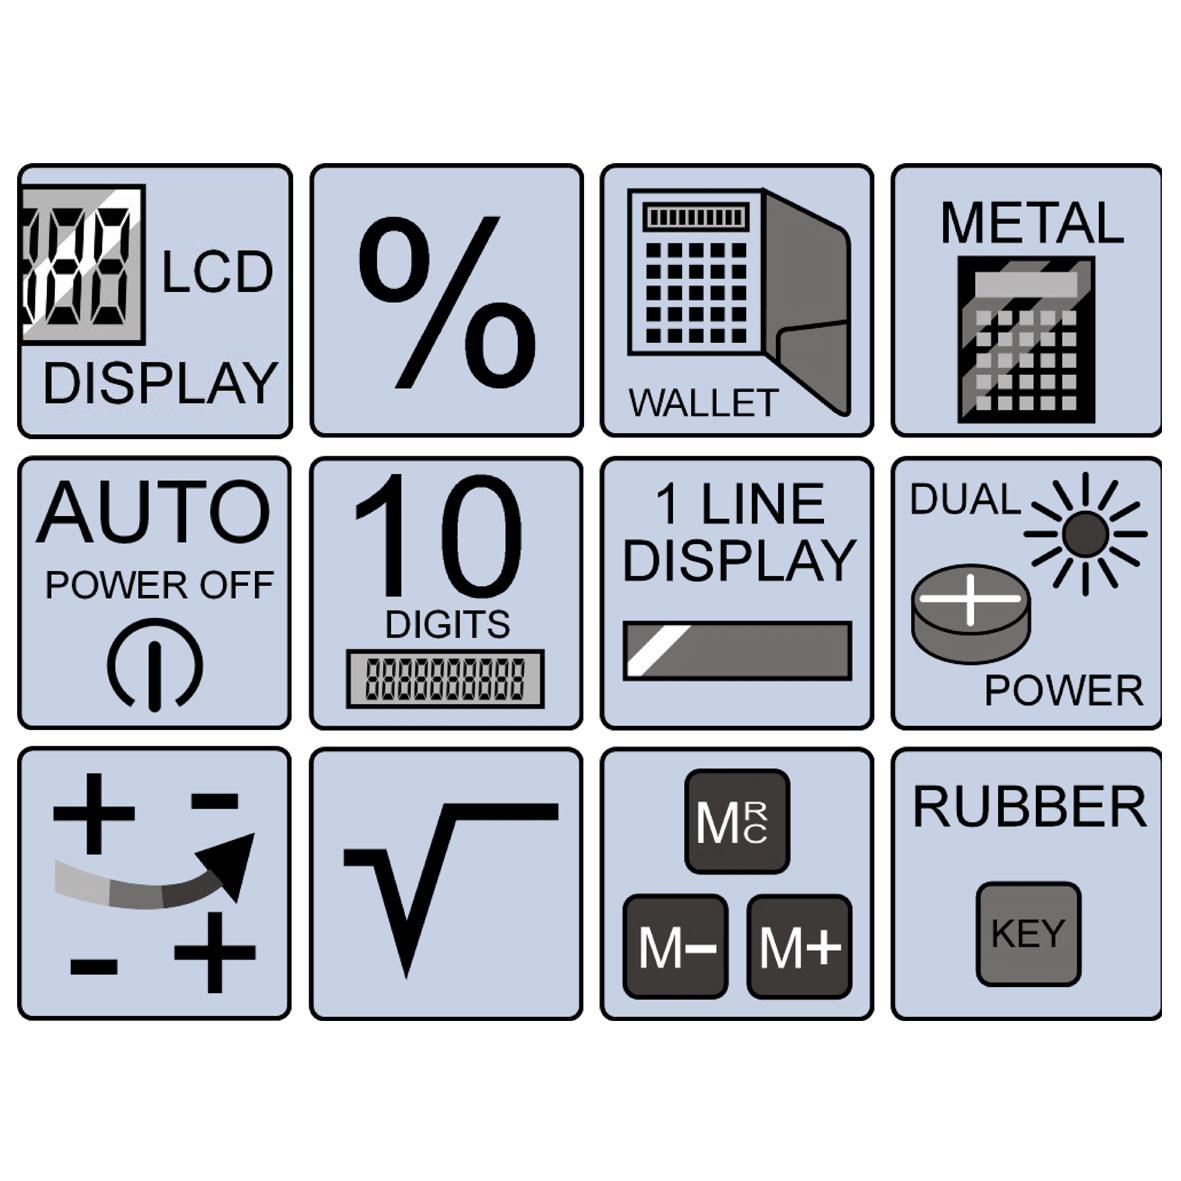 Olympia LCD 1110 - Tasche - Einfacher Taschenrechner - 10 Ziffern - 1 Zeilen - Rot